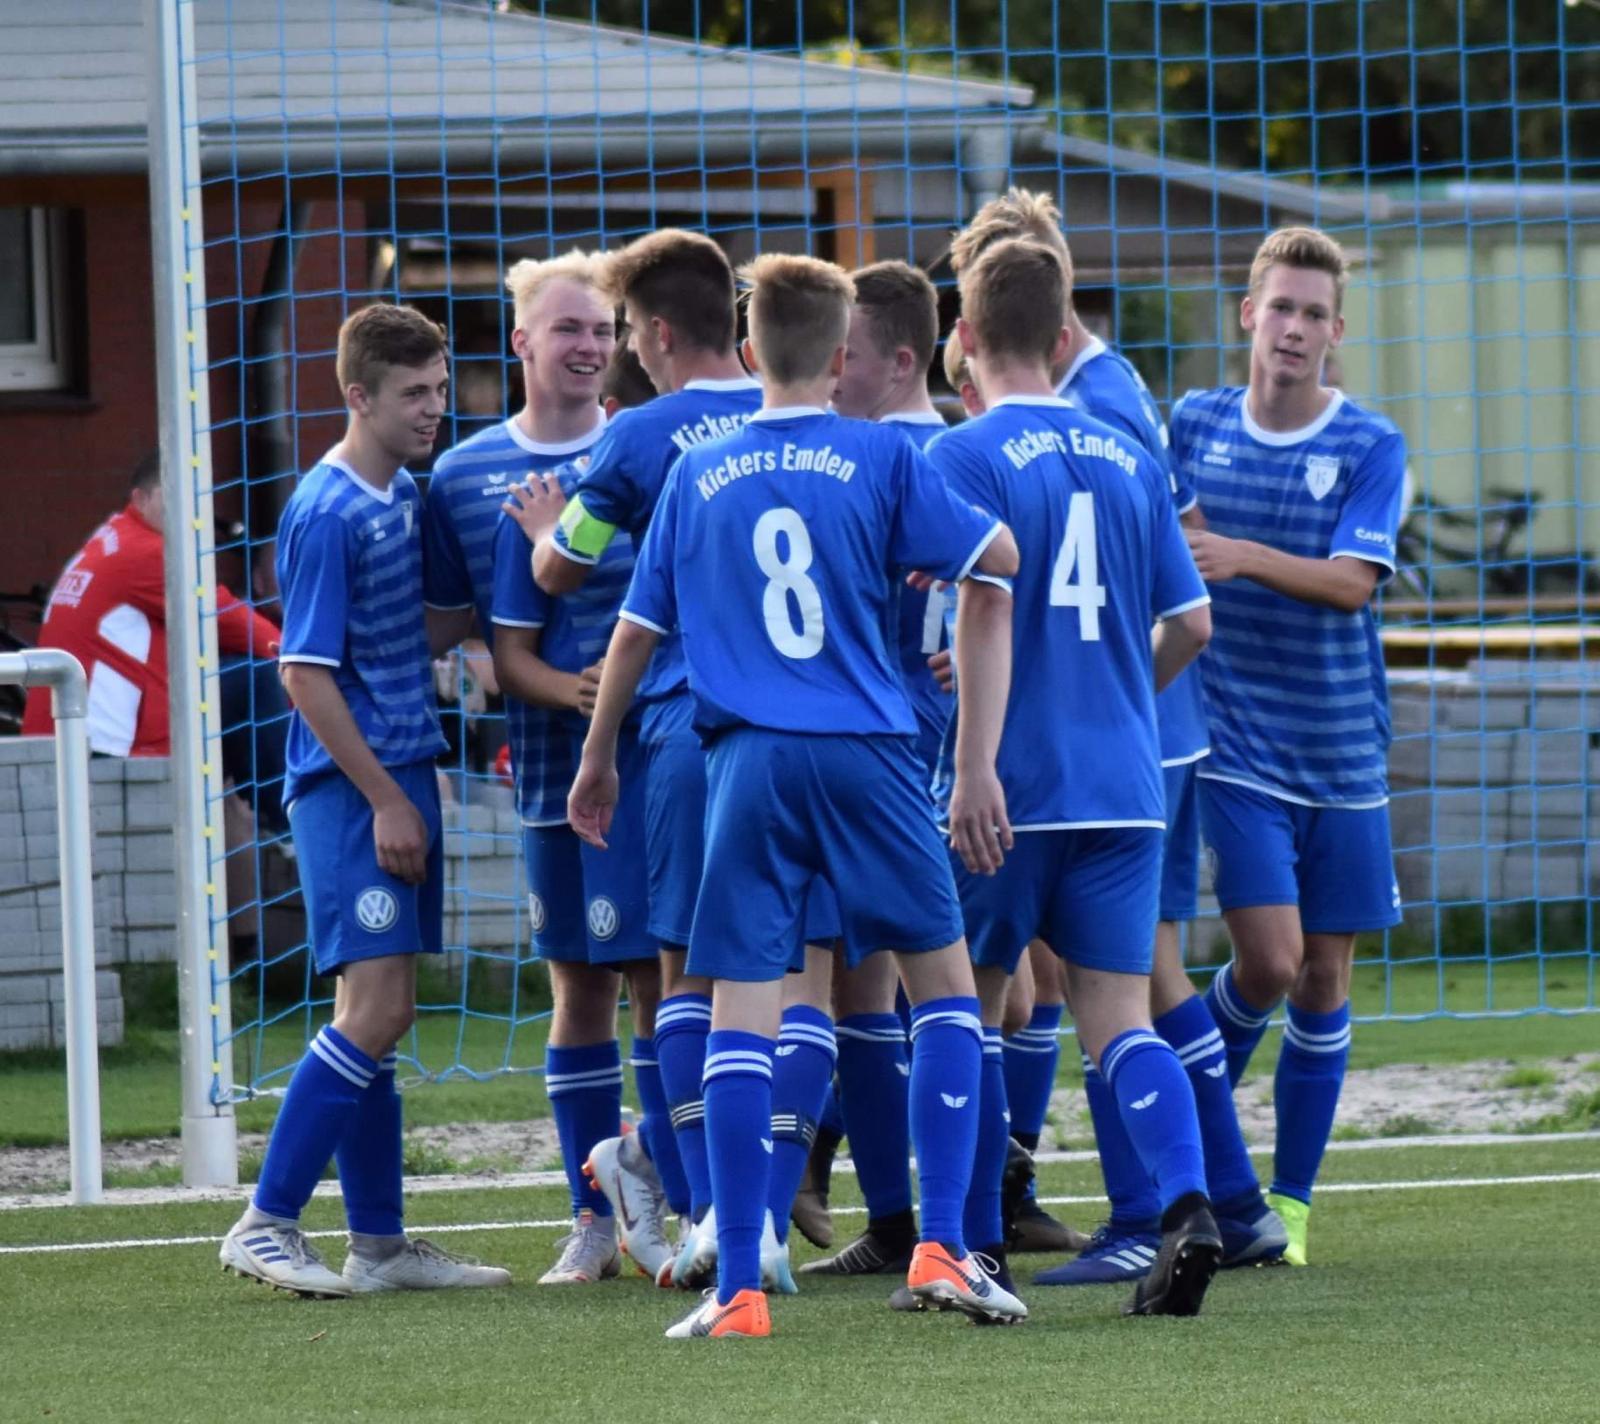 Bsv Kickers Emden U17 Niedersachsenliga Lz Im Sv Meppen